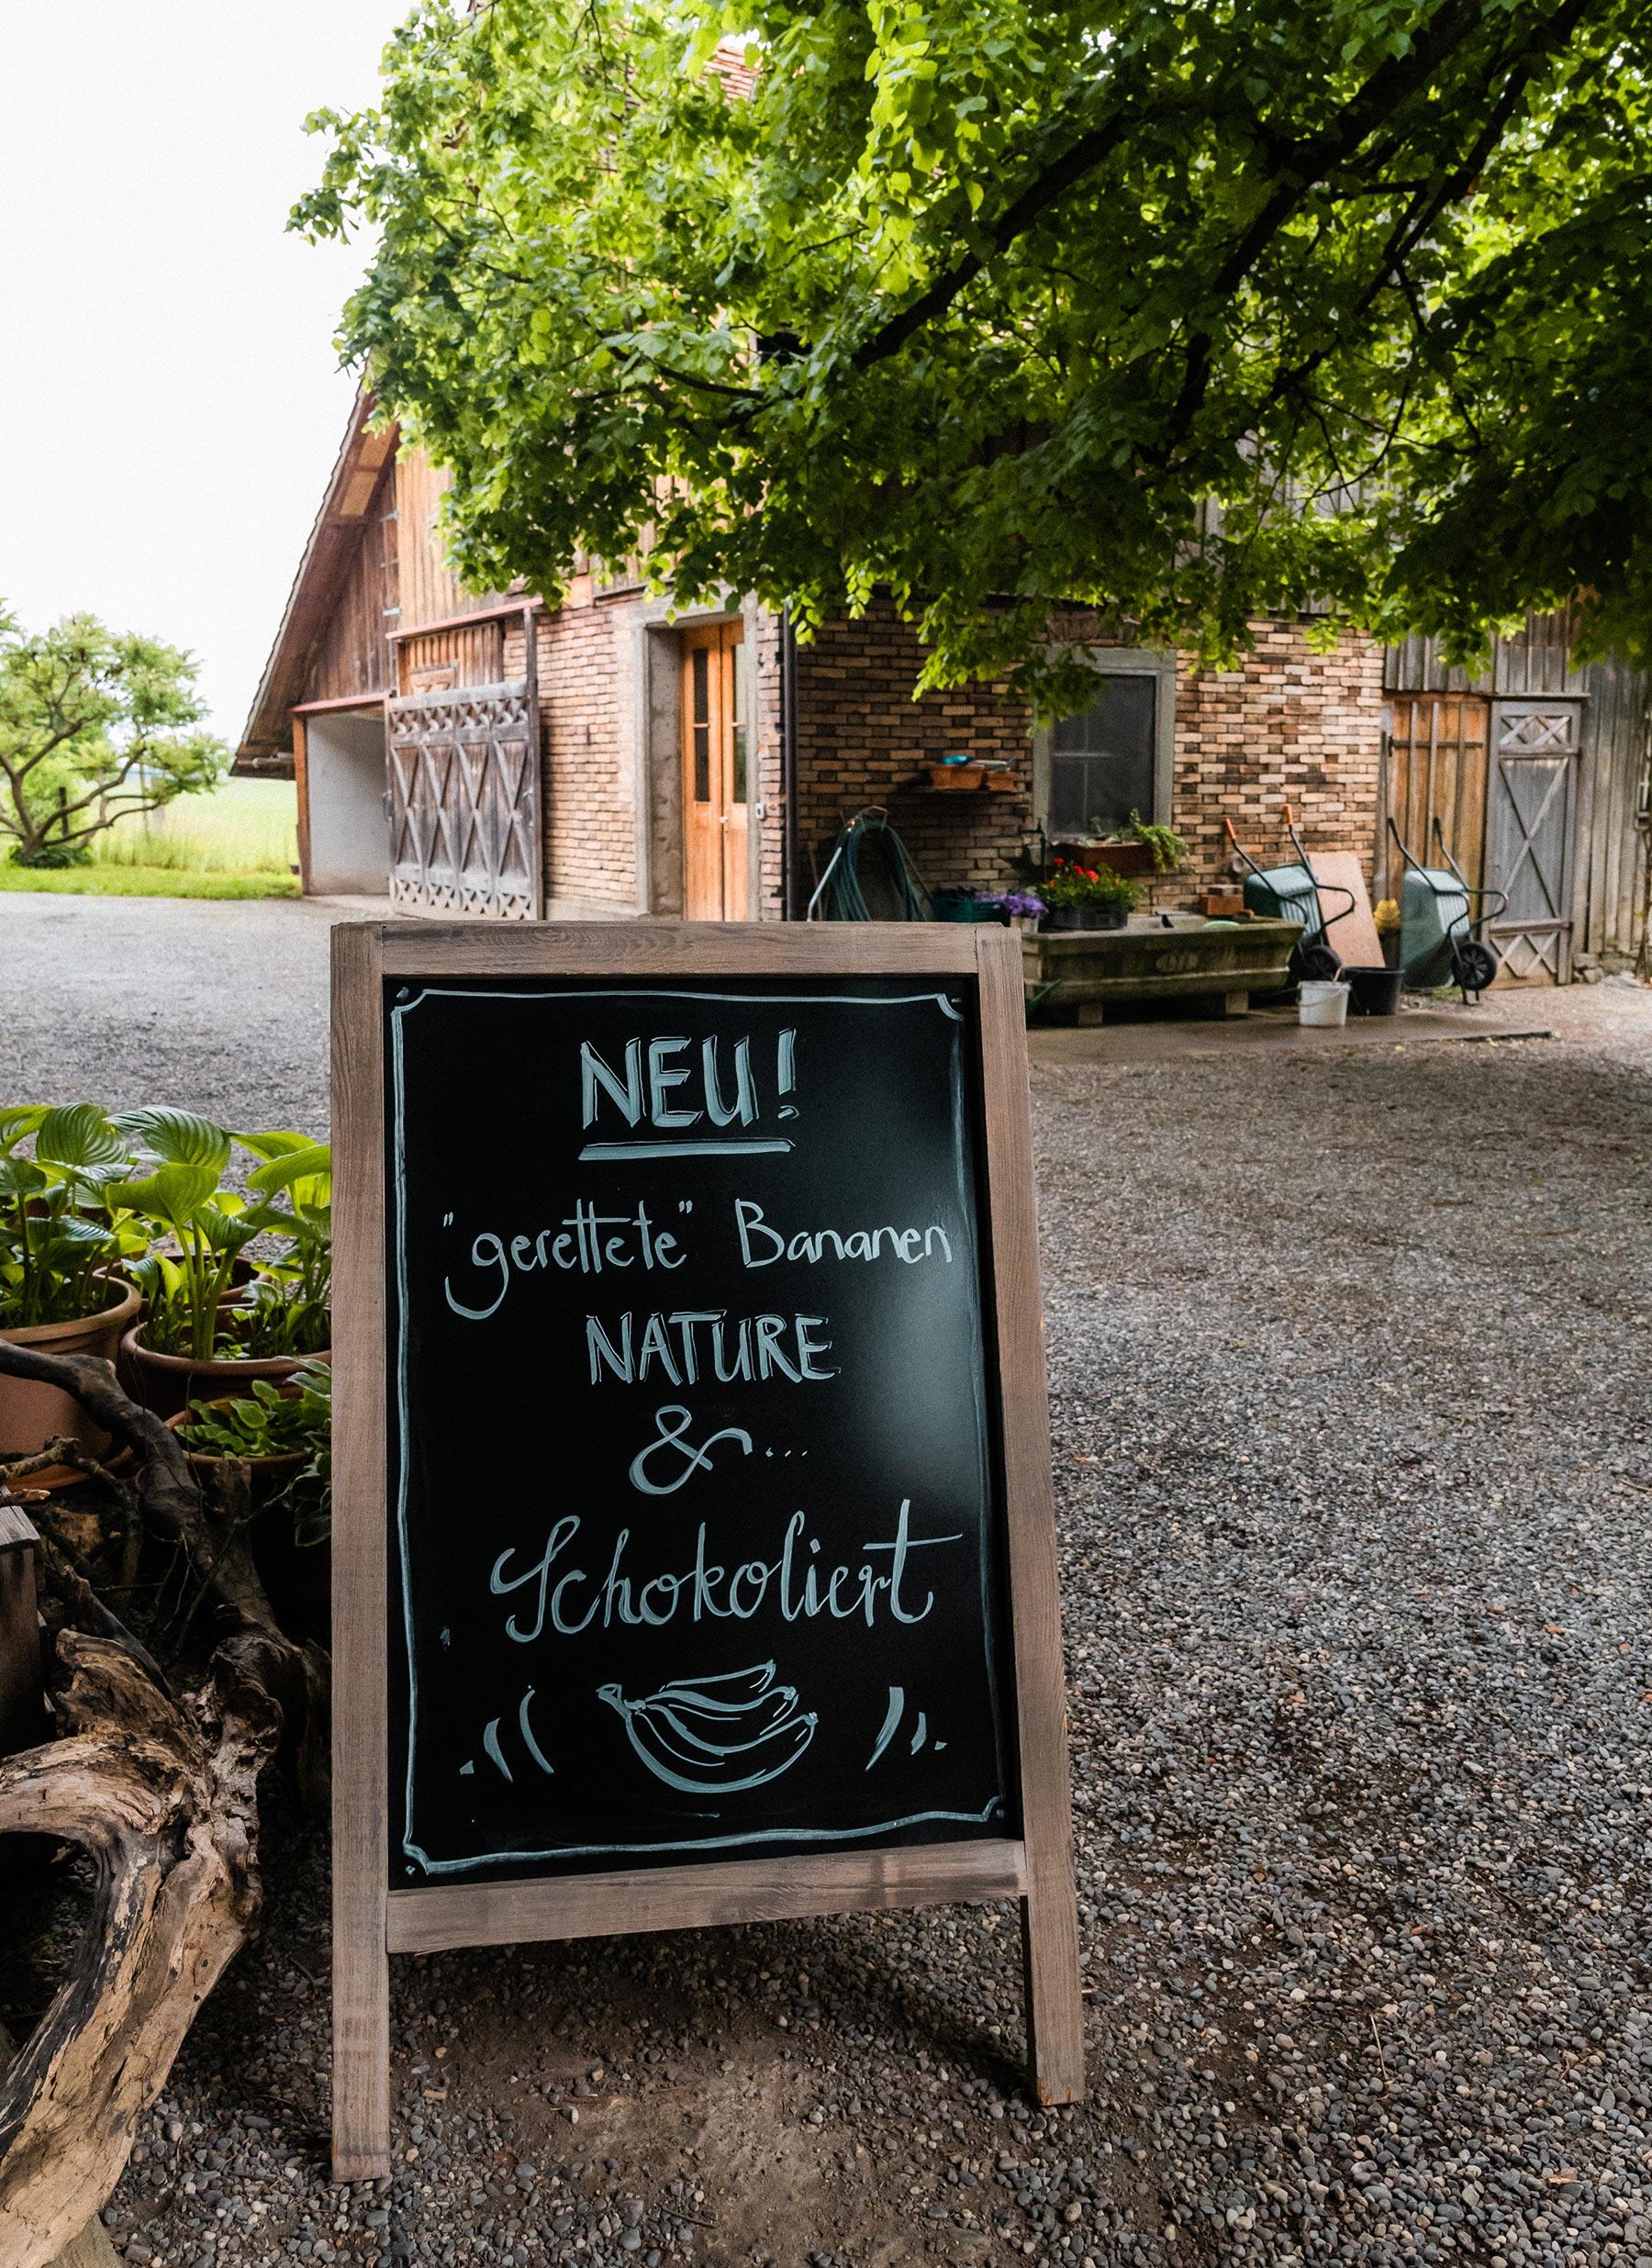 Schiefertafel vor dem Hofladen mit der Aufschrift: Gerettete Bananen nature & schokoliert